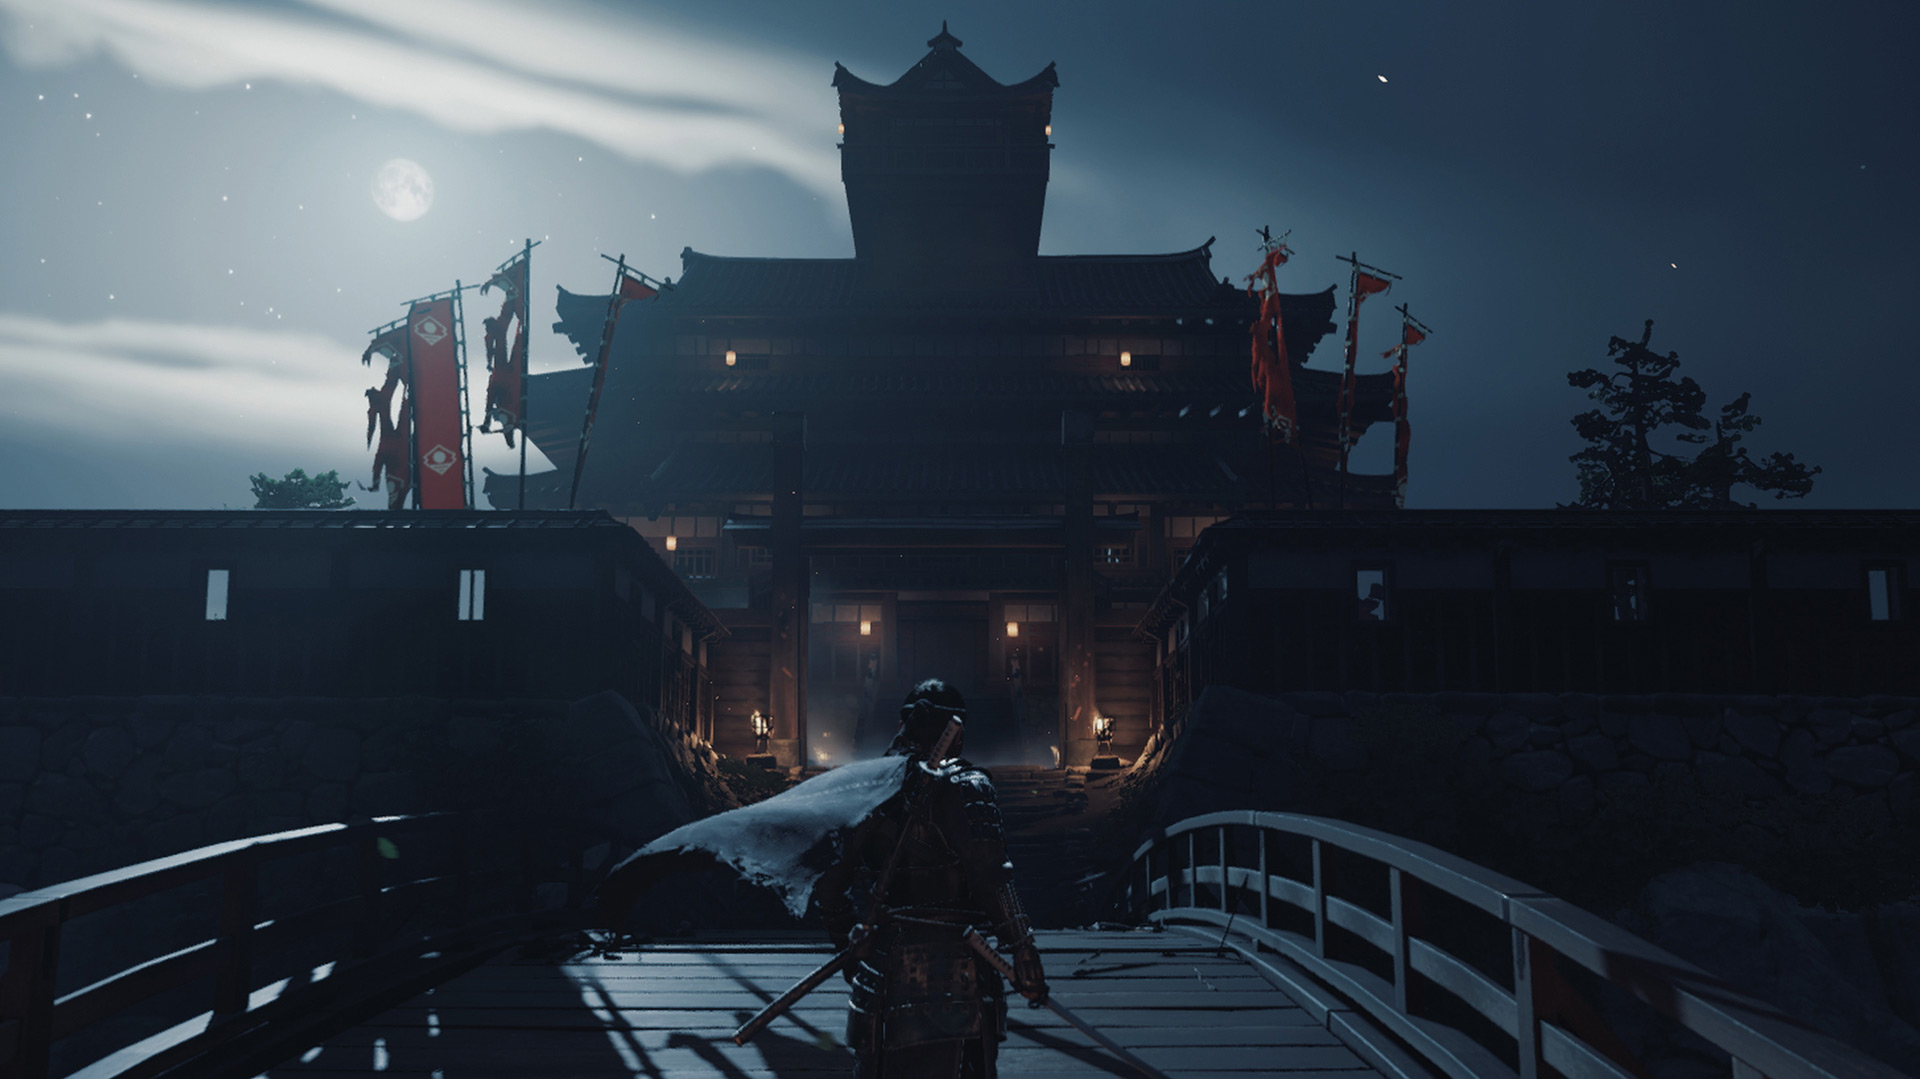 Quelle: SIE - Ghost of Tsushima - Festung infiltrieren